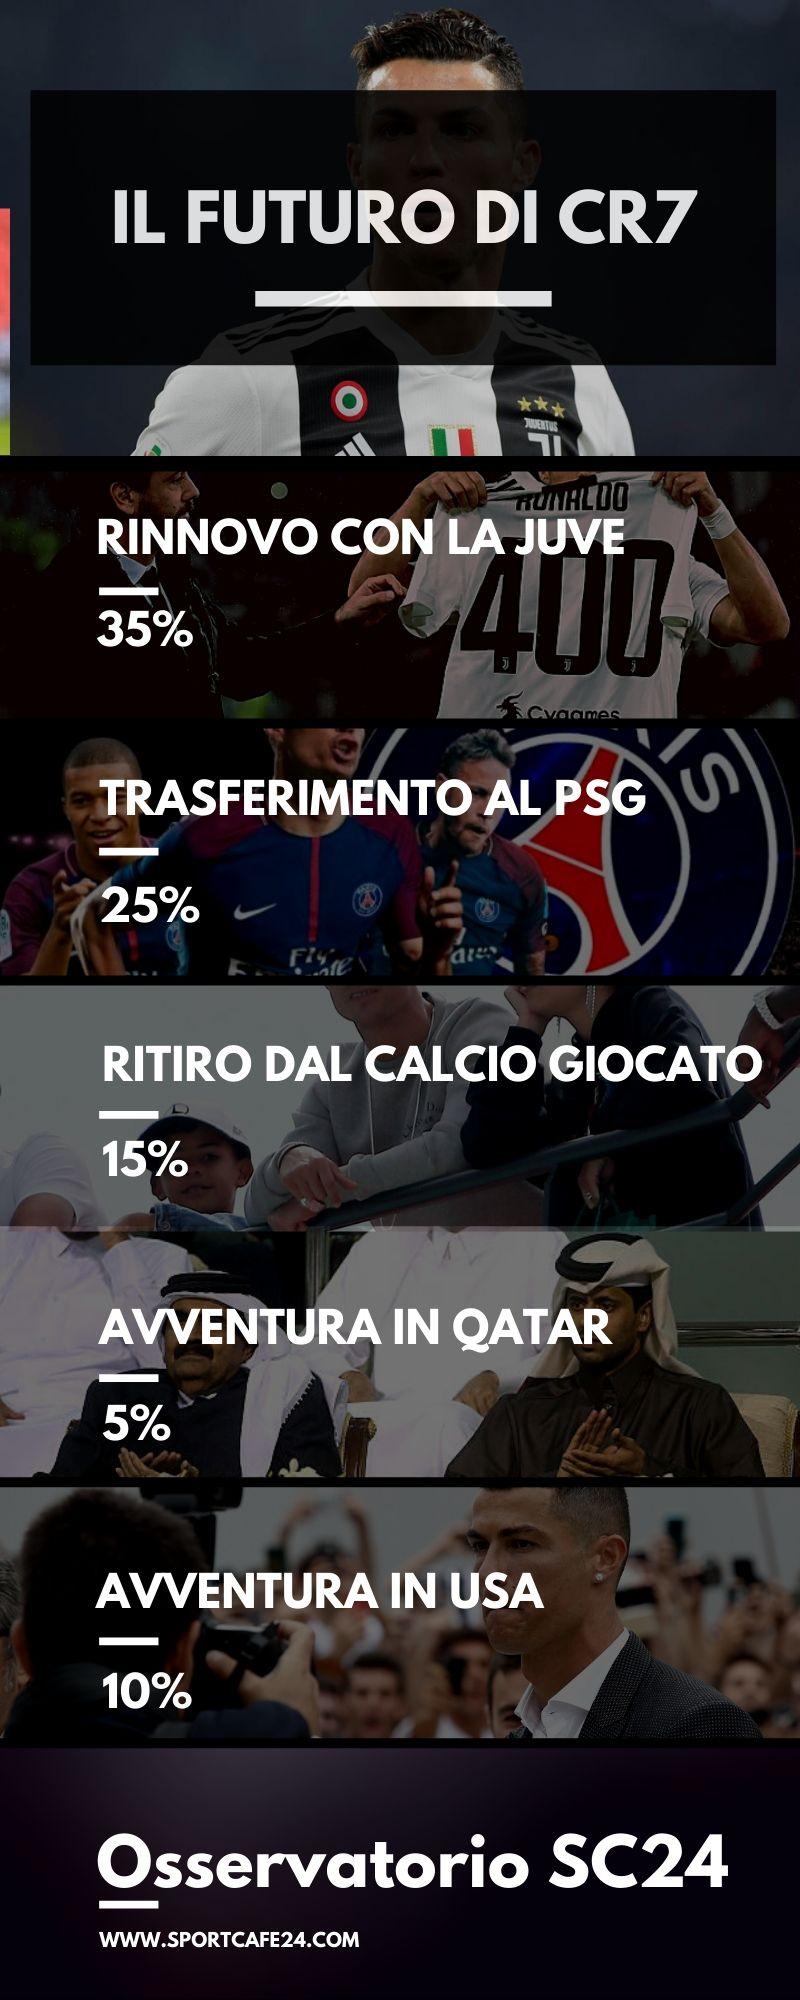 Infografica Cristiano Ronaldo Futuro dopo rinnovo